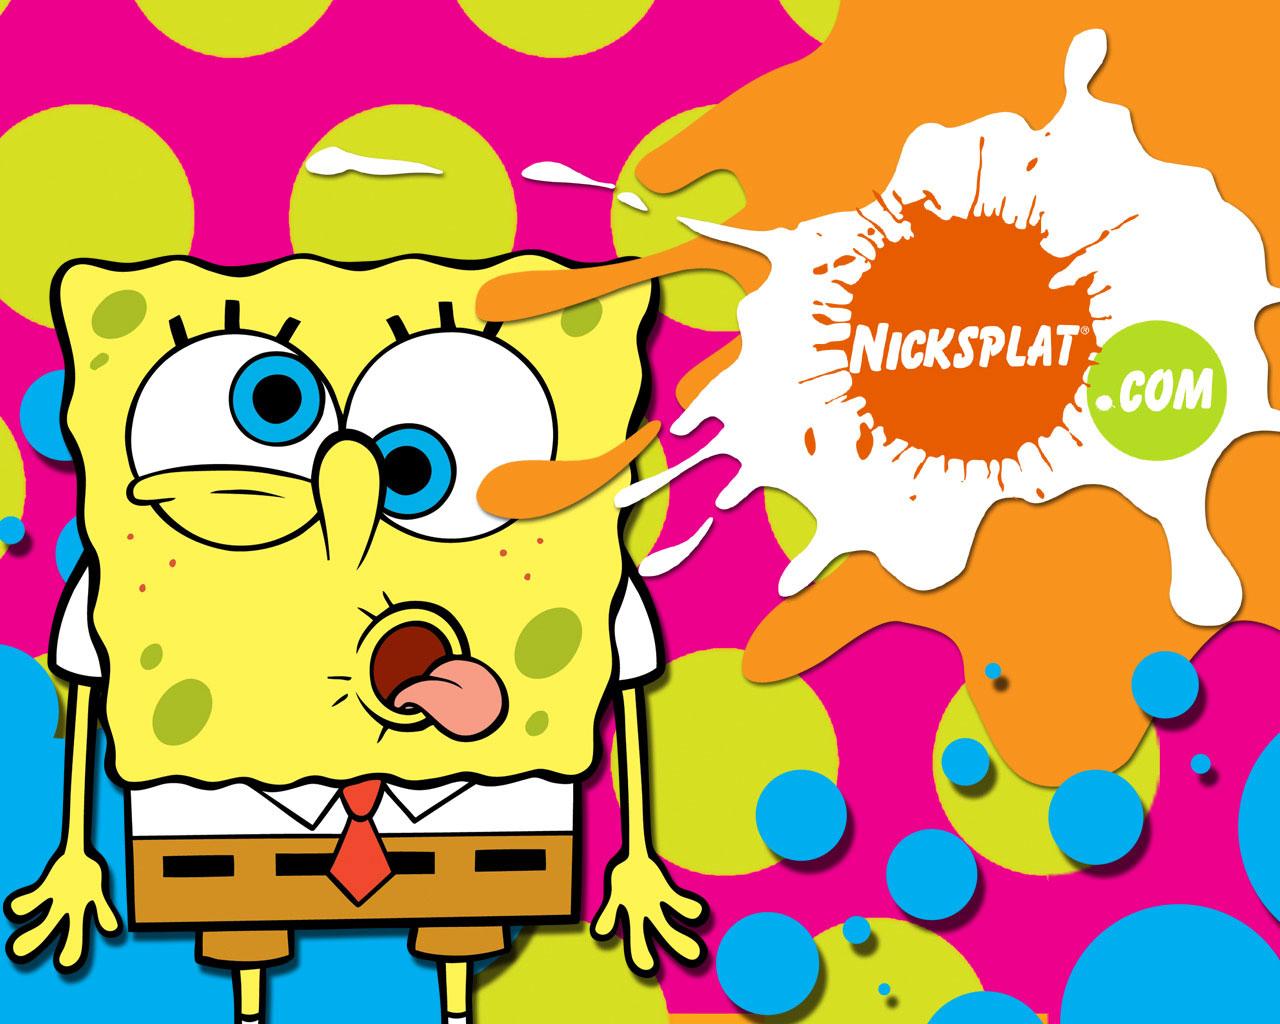 fhdq creative spongebob squarepants pictures